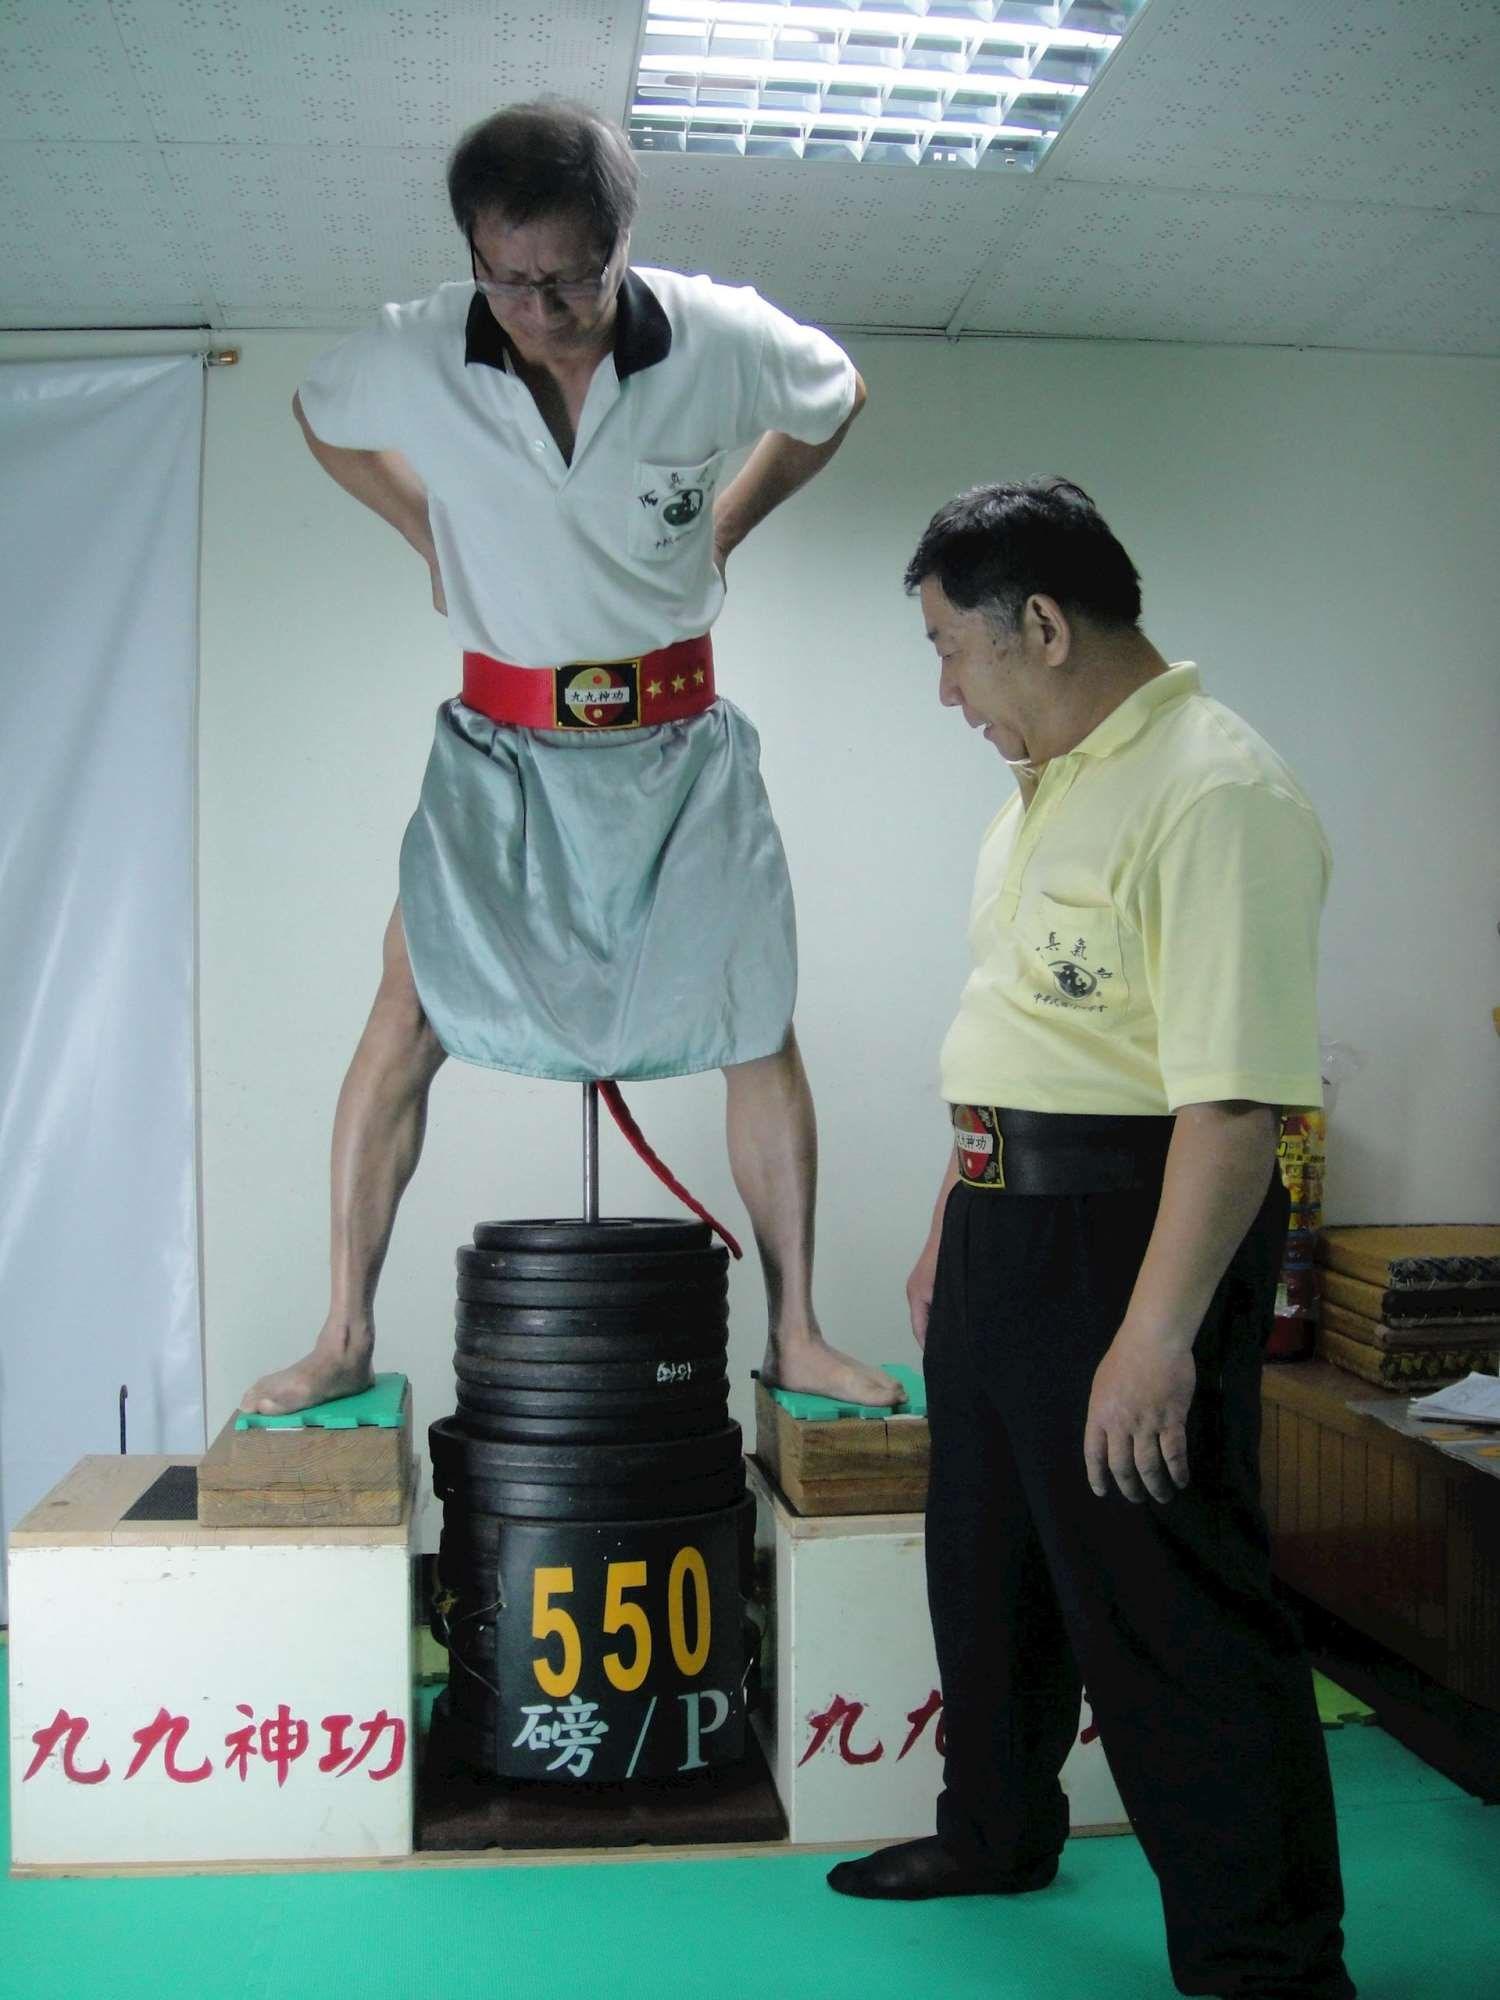 吊550磅的林師兄.jpg